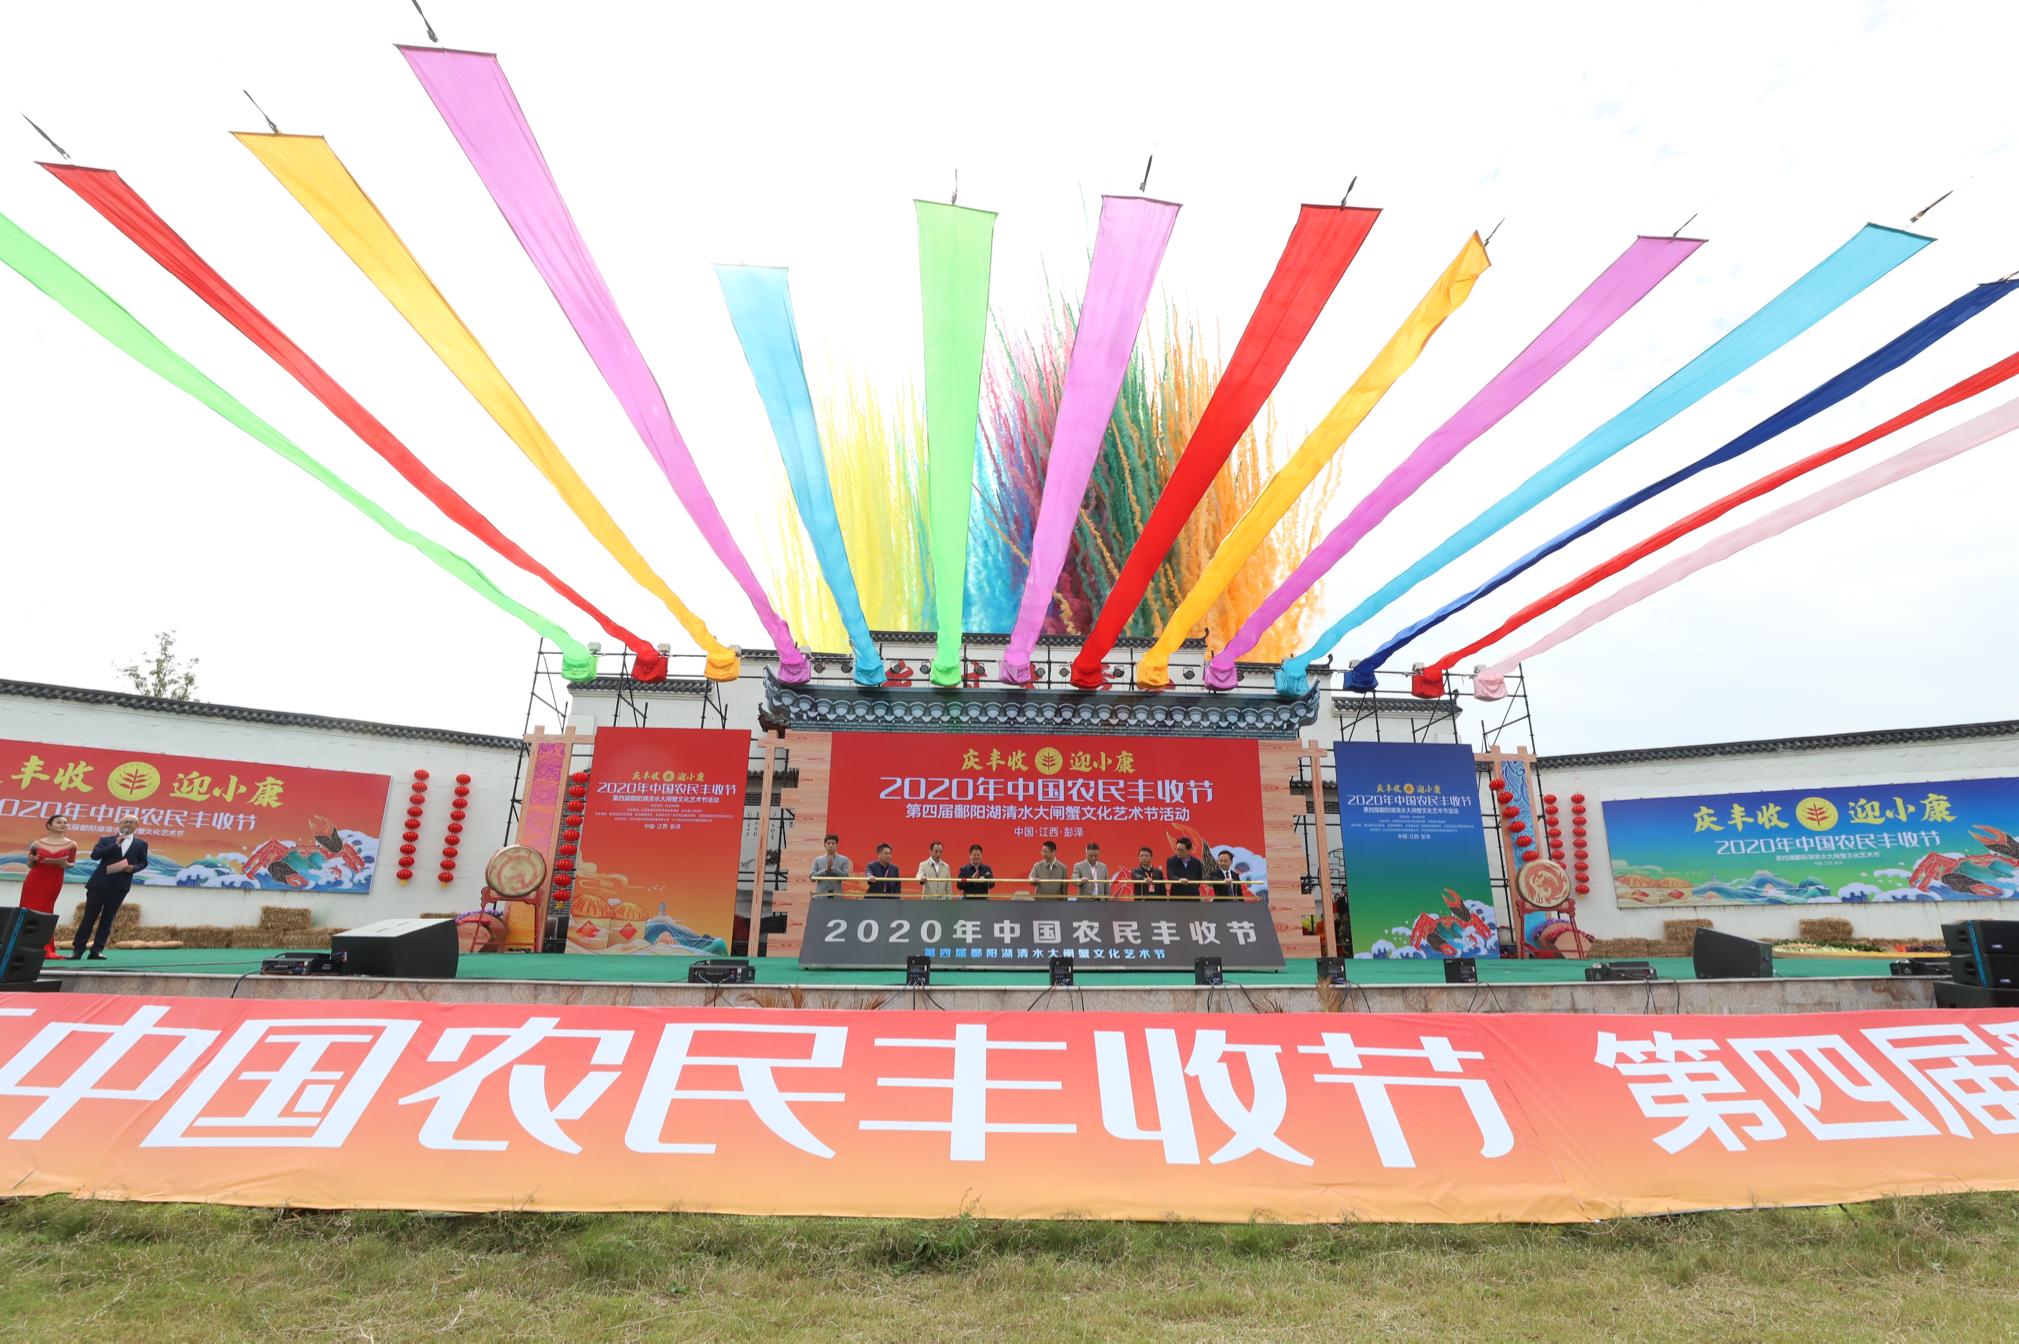 中国农民丰收节第四届鄱阳湖清水蟹文化节在彭泽县举办